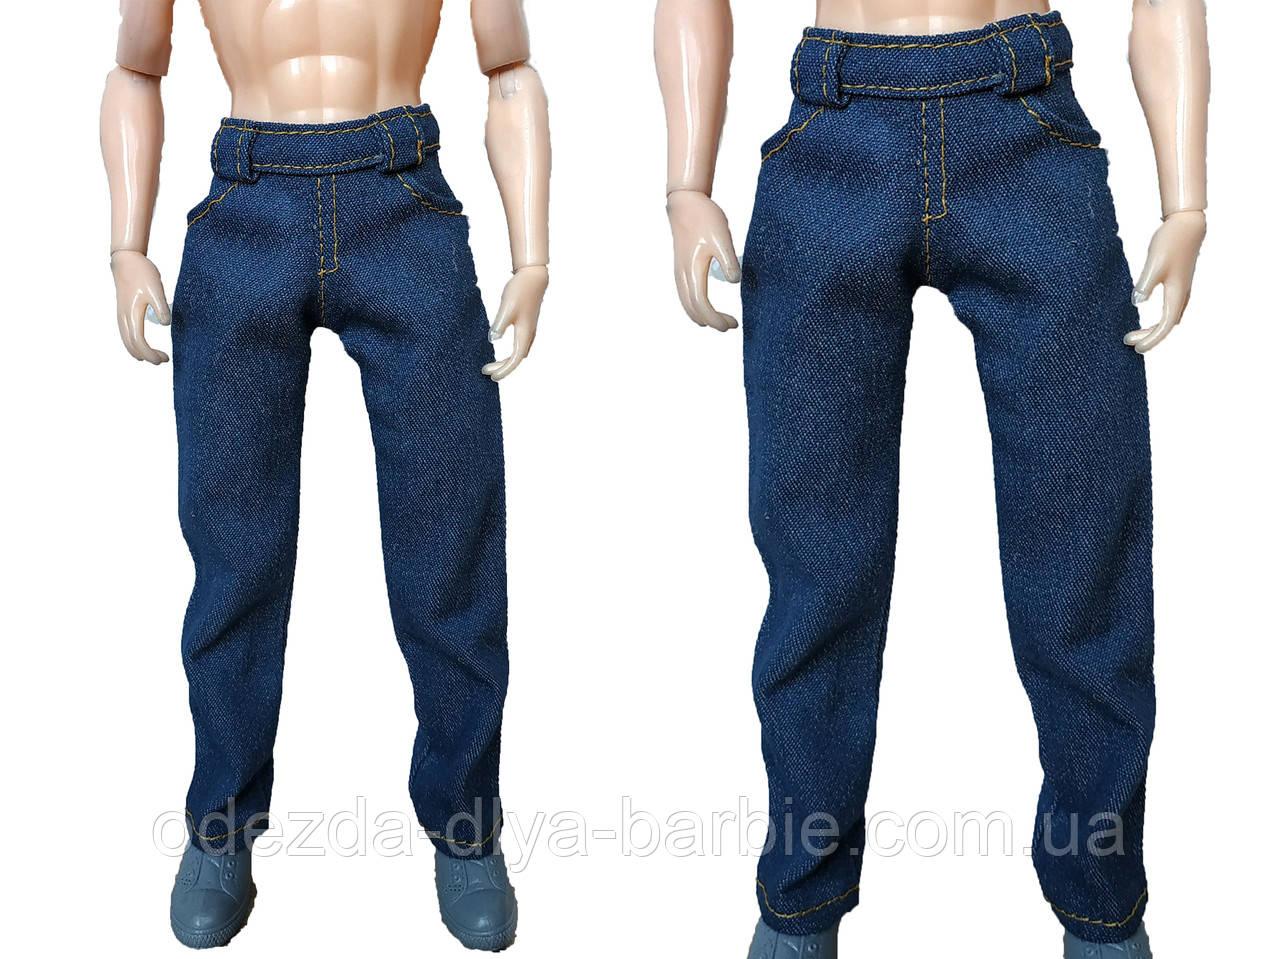 (Не для перепродажи!) Одежда для Кена - джинсовые брюки